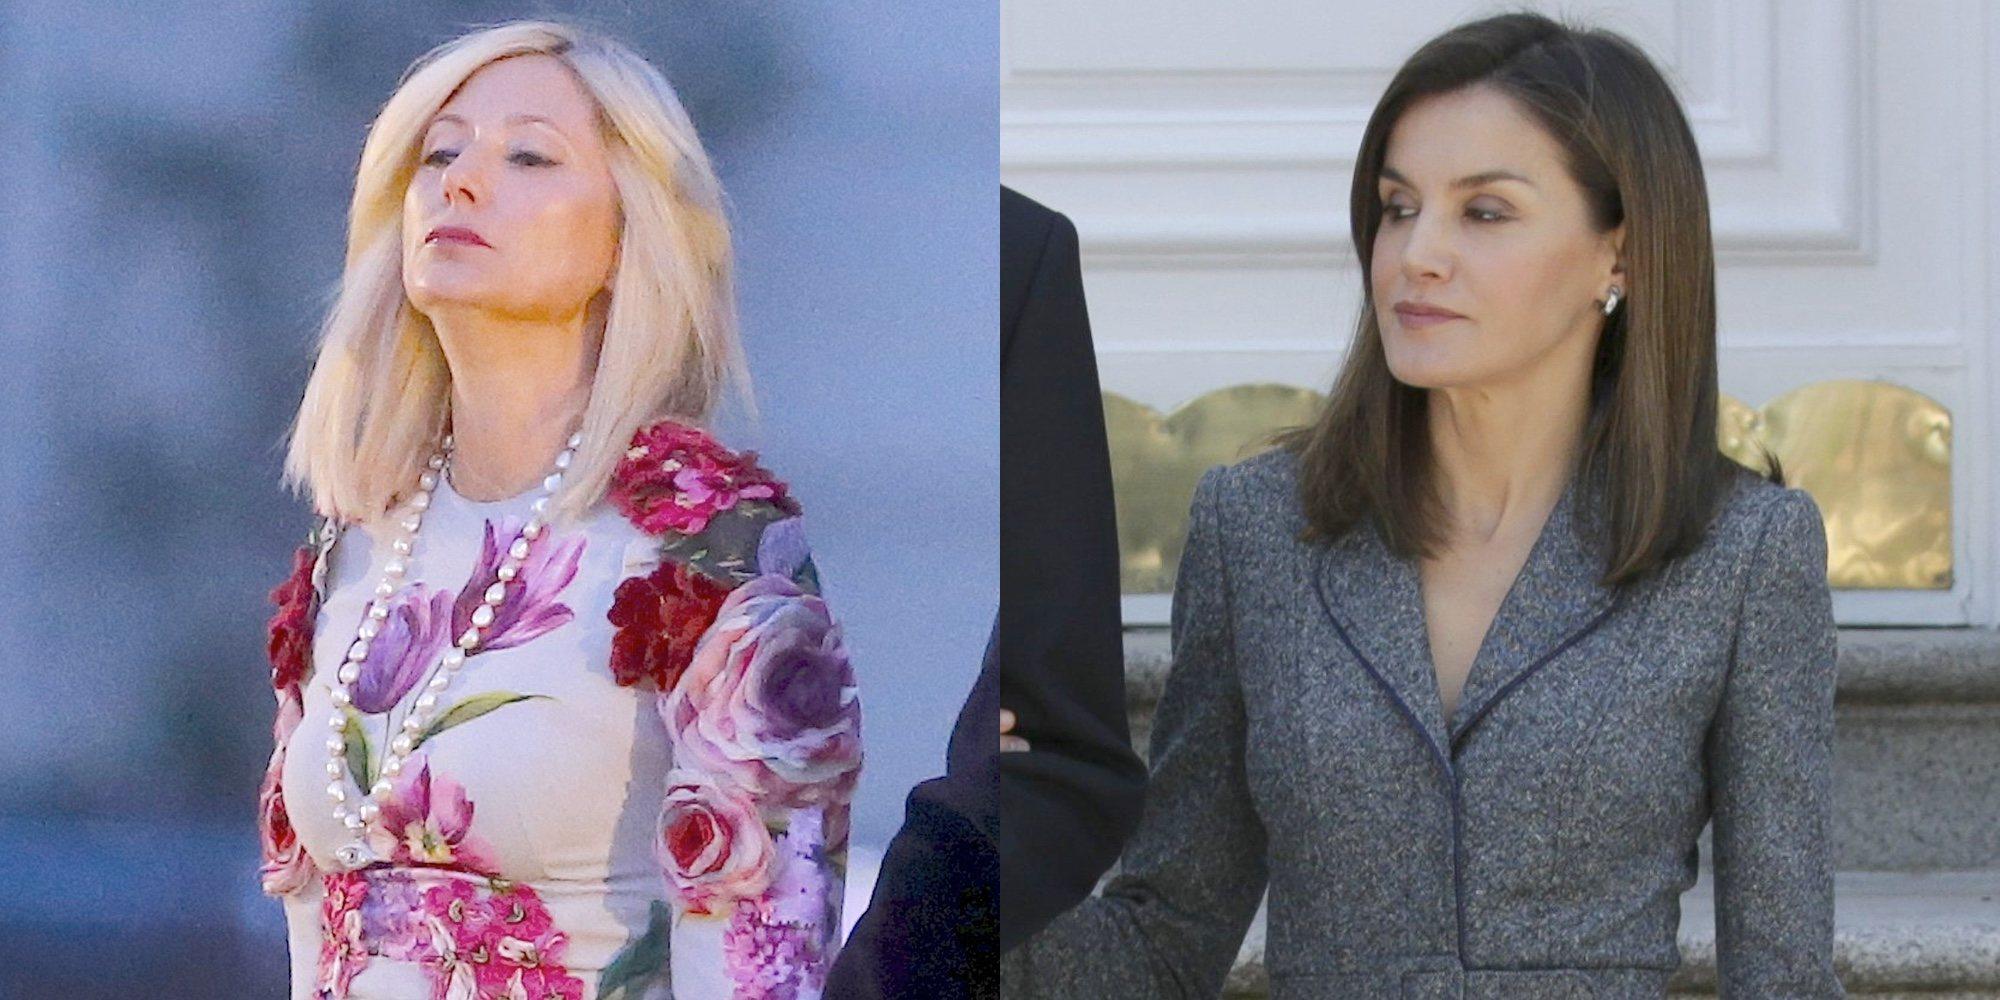 El reencuentro de la Reina Letizia y Marie Chantal de Grecia tras su incidente ya tiene fecha